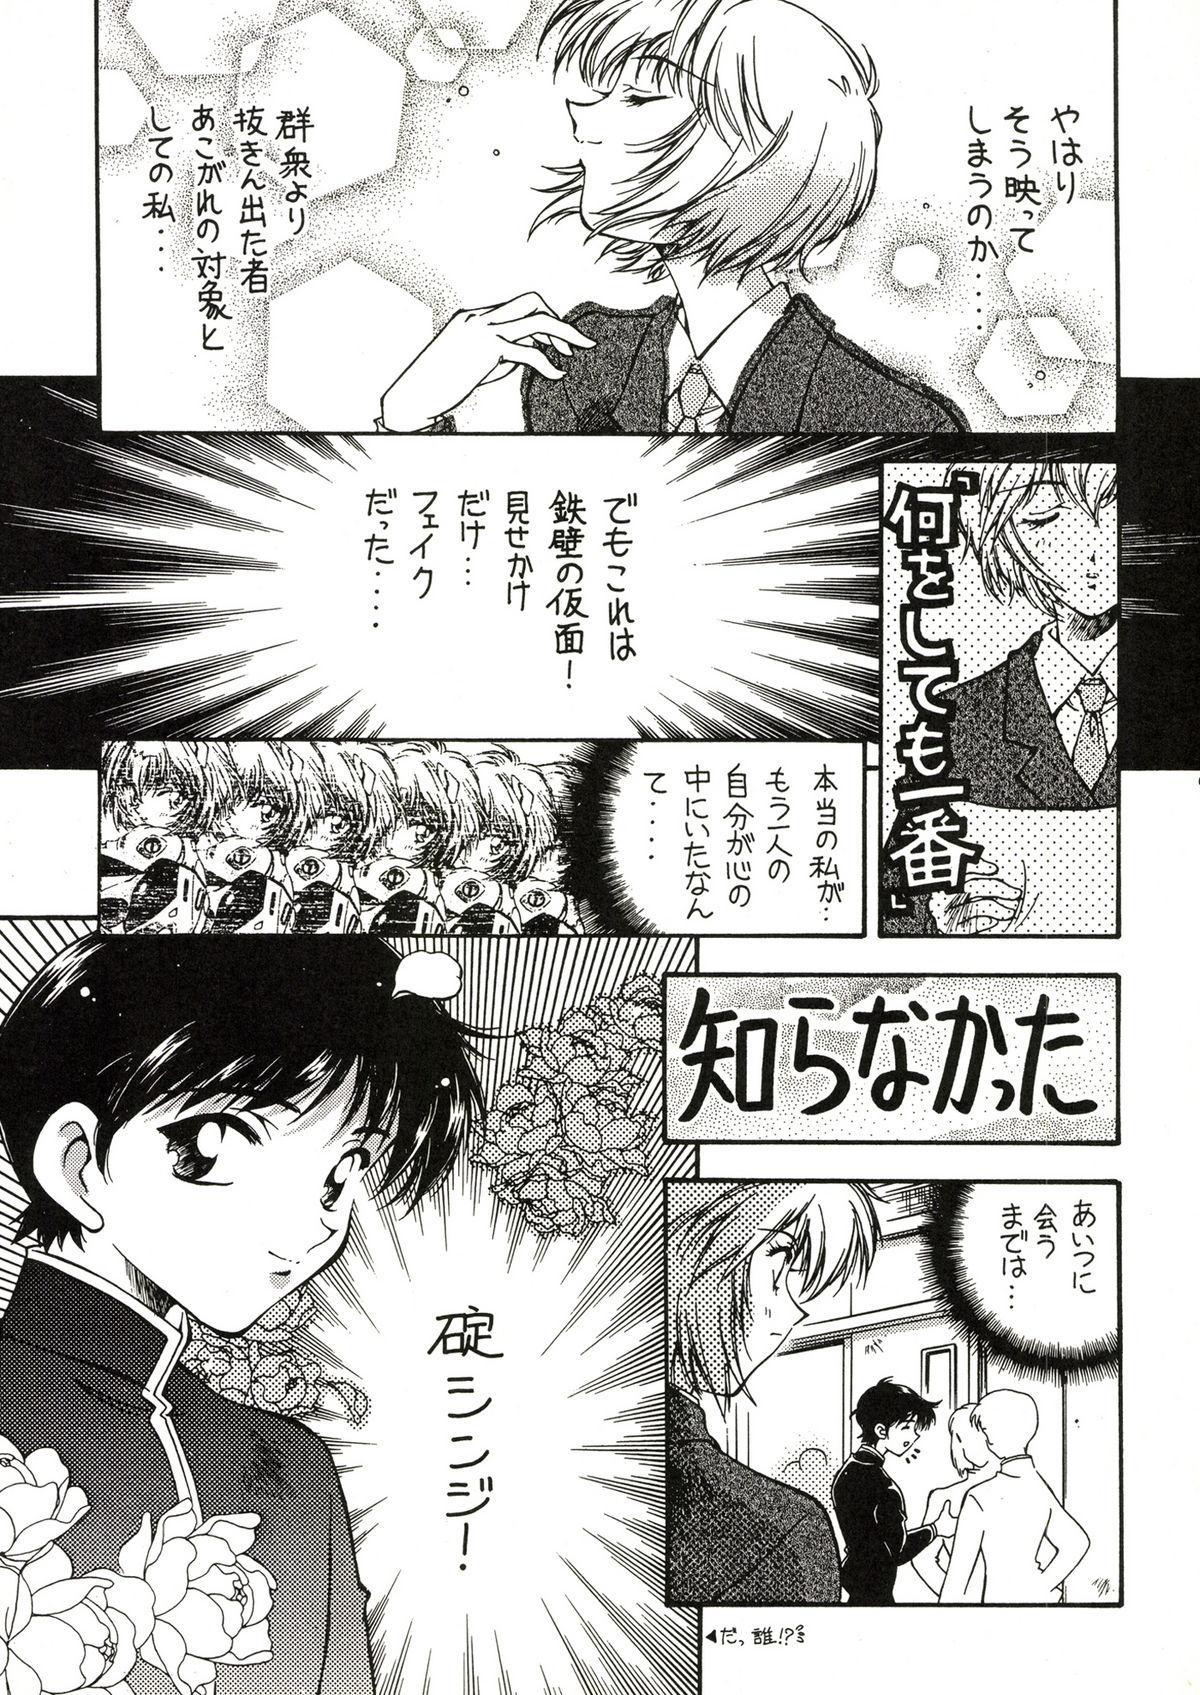 TOKONATSU HEAVEN 66